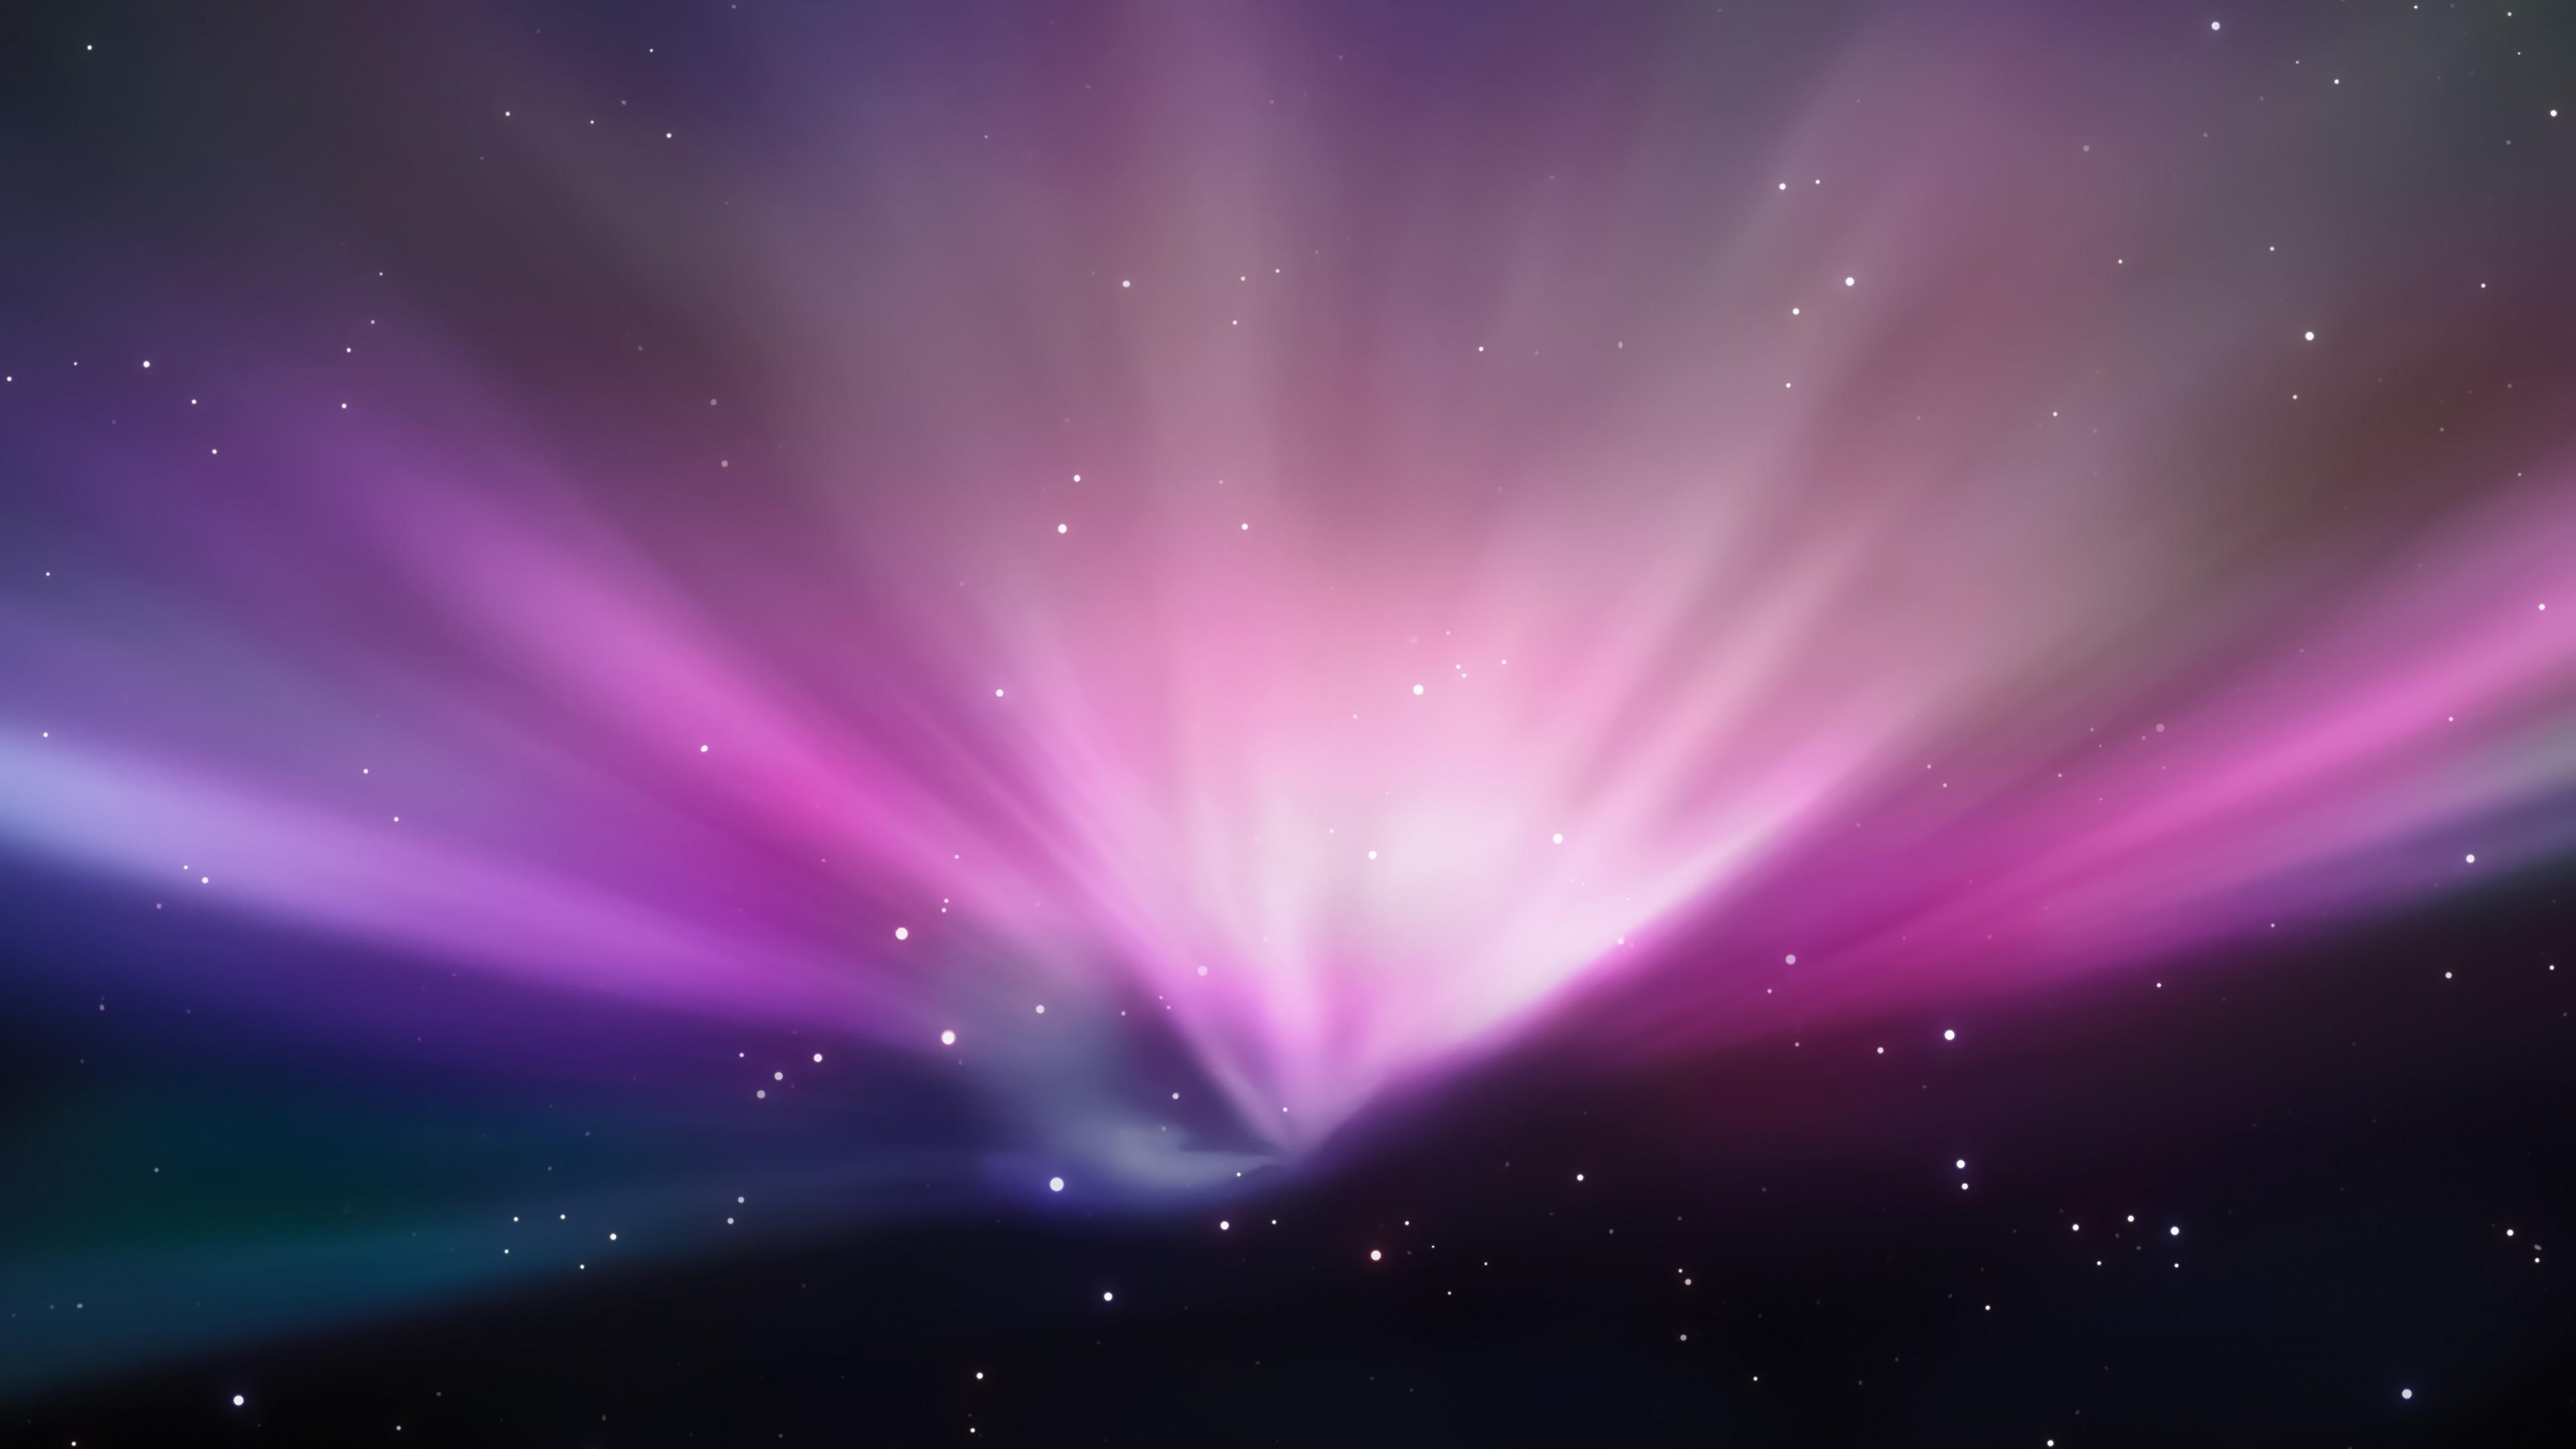 Розово-фиолетовое космическое сияние с метеорным светящимся потоком